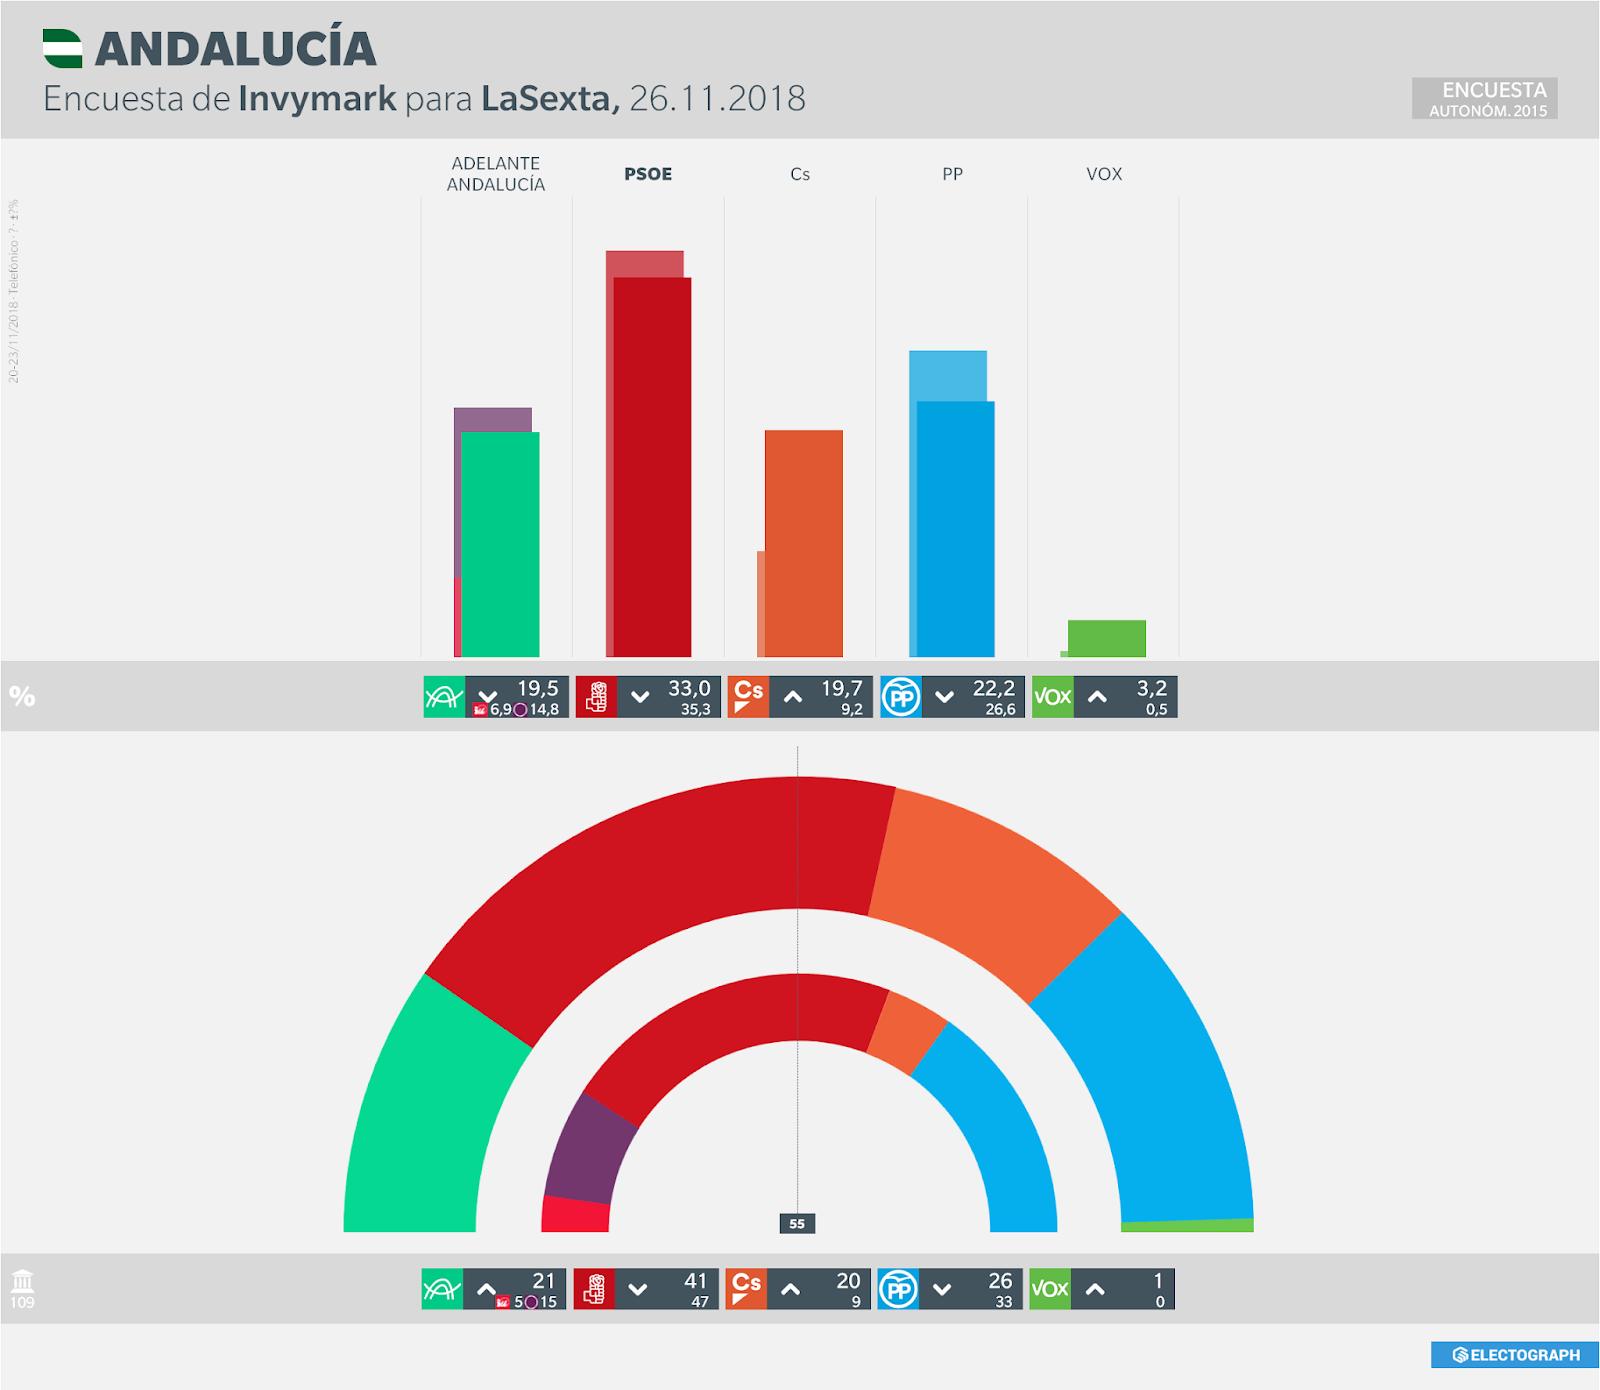 Gráfico de la encuesta para elecciones autonómicas en Andalucía realizada por Invymark para LaSexta en noviembre de 2018